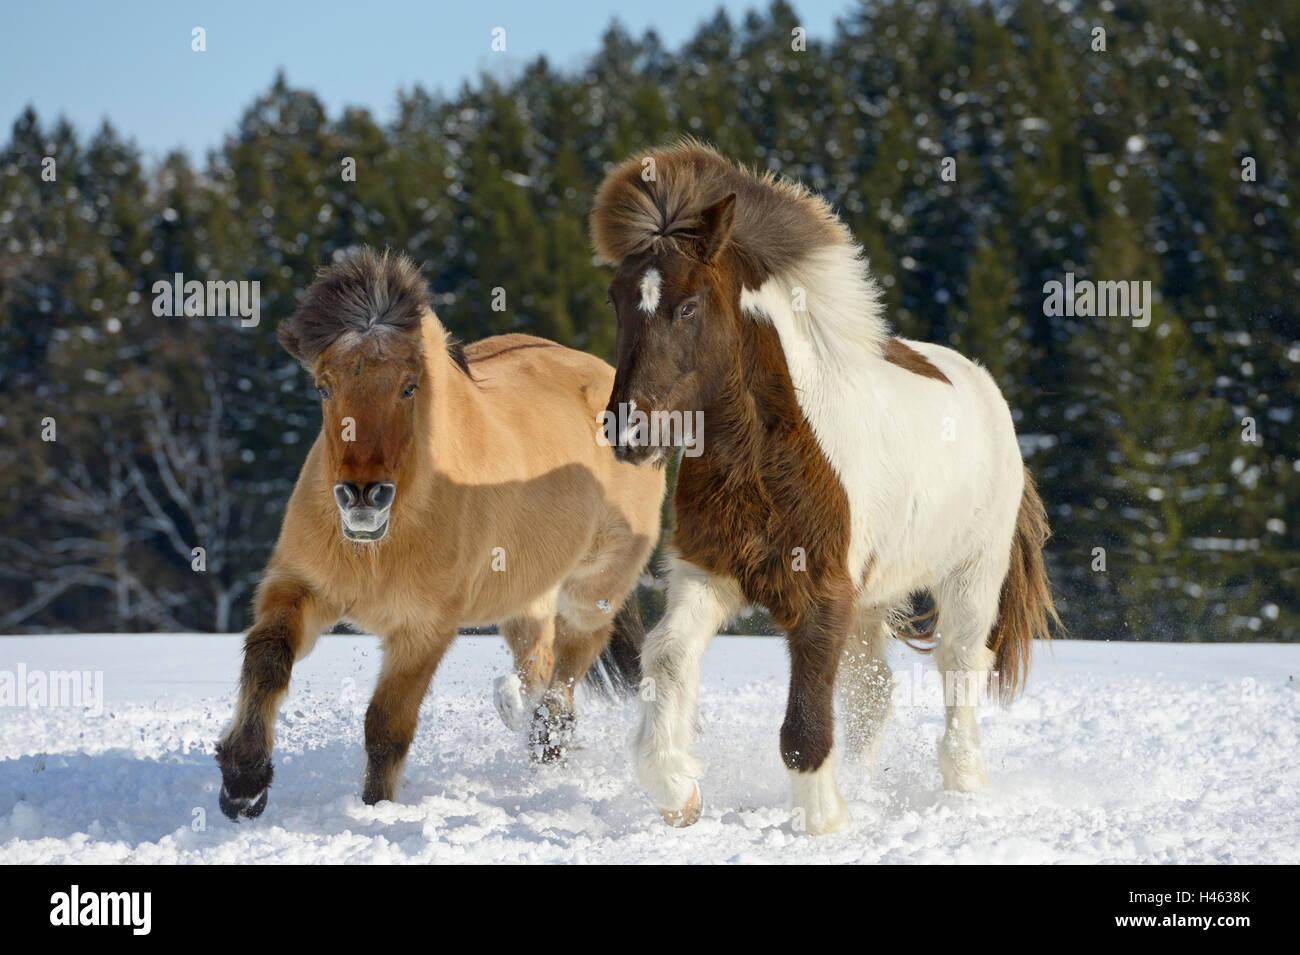 Icelandic horses in snow Stock Photo